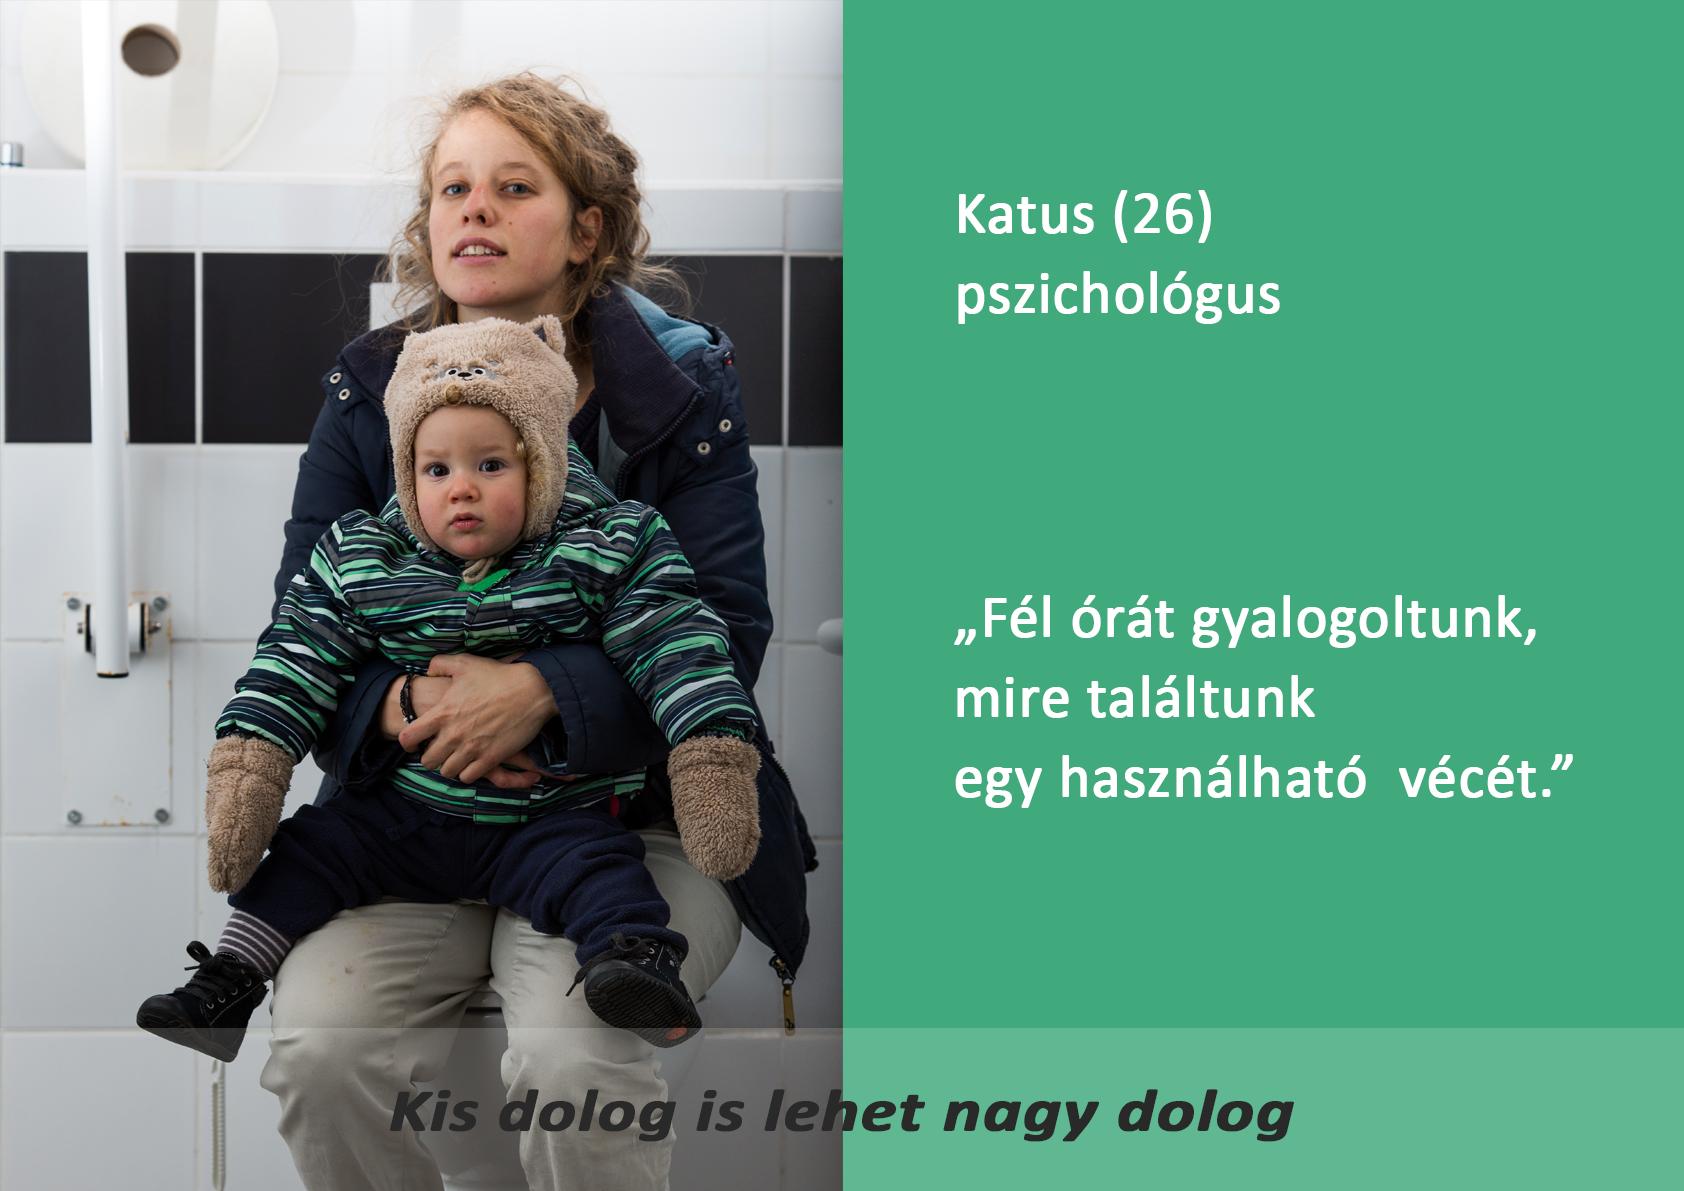 Katus003